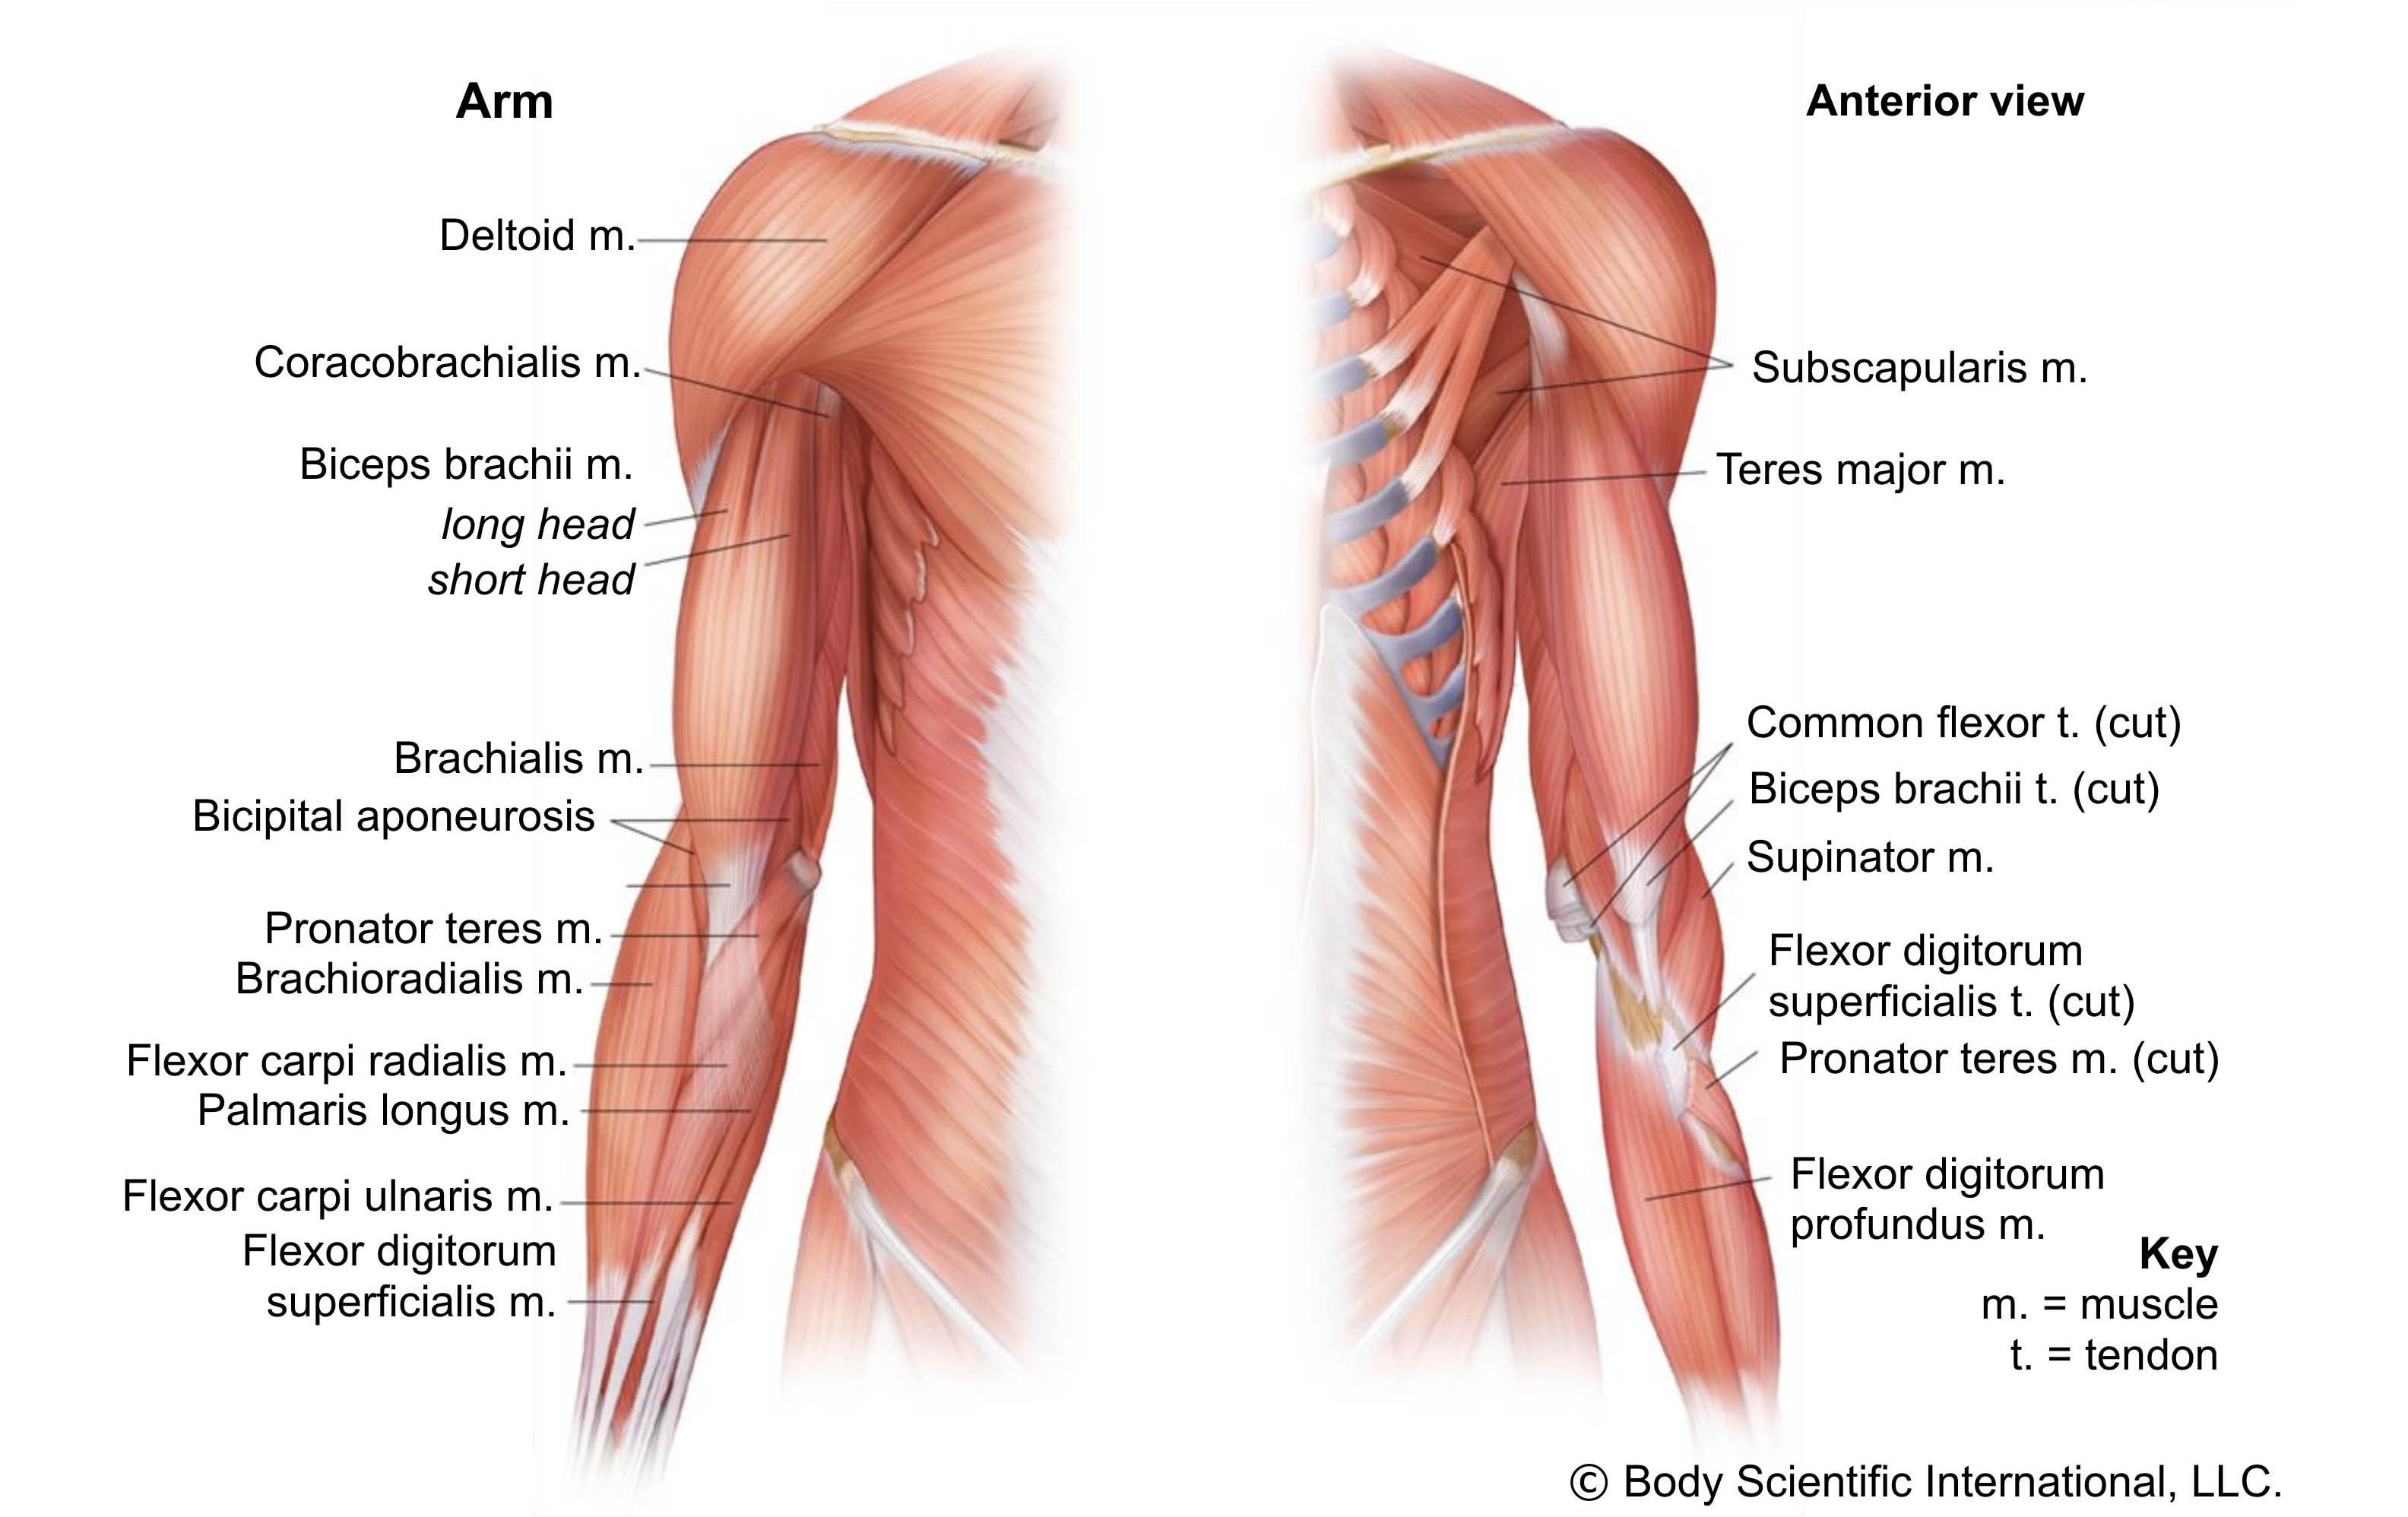 Arm Anterior